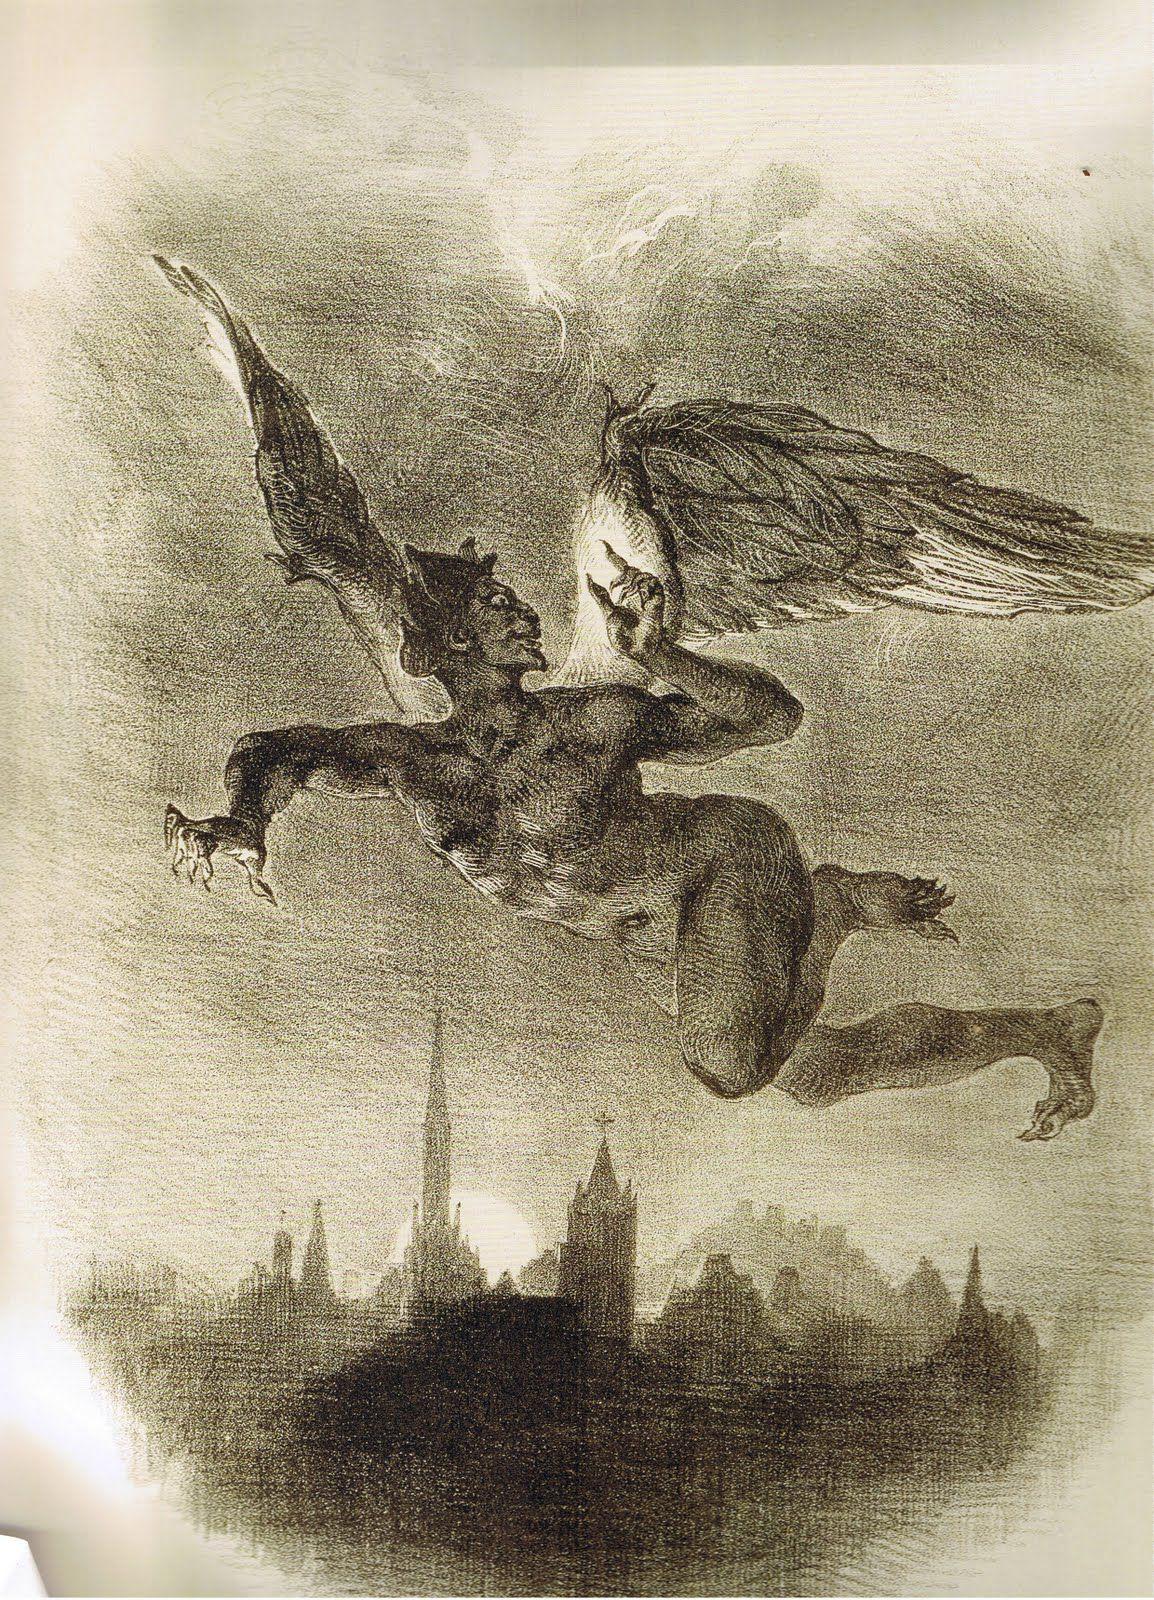 Mefistófeles en vuelo. Por Eugène Delacroix, 1828. http://iglesiadesatan.com/